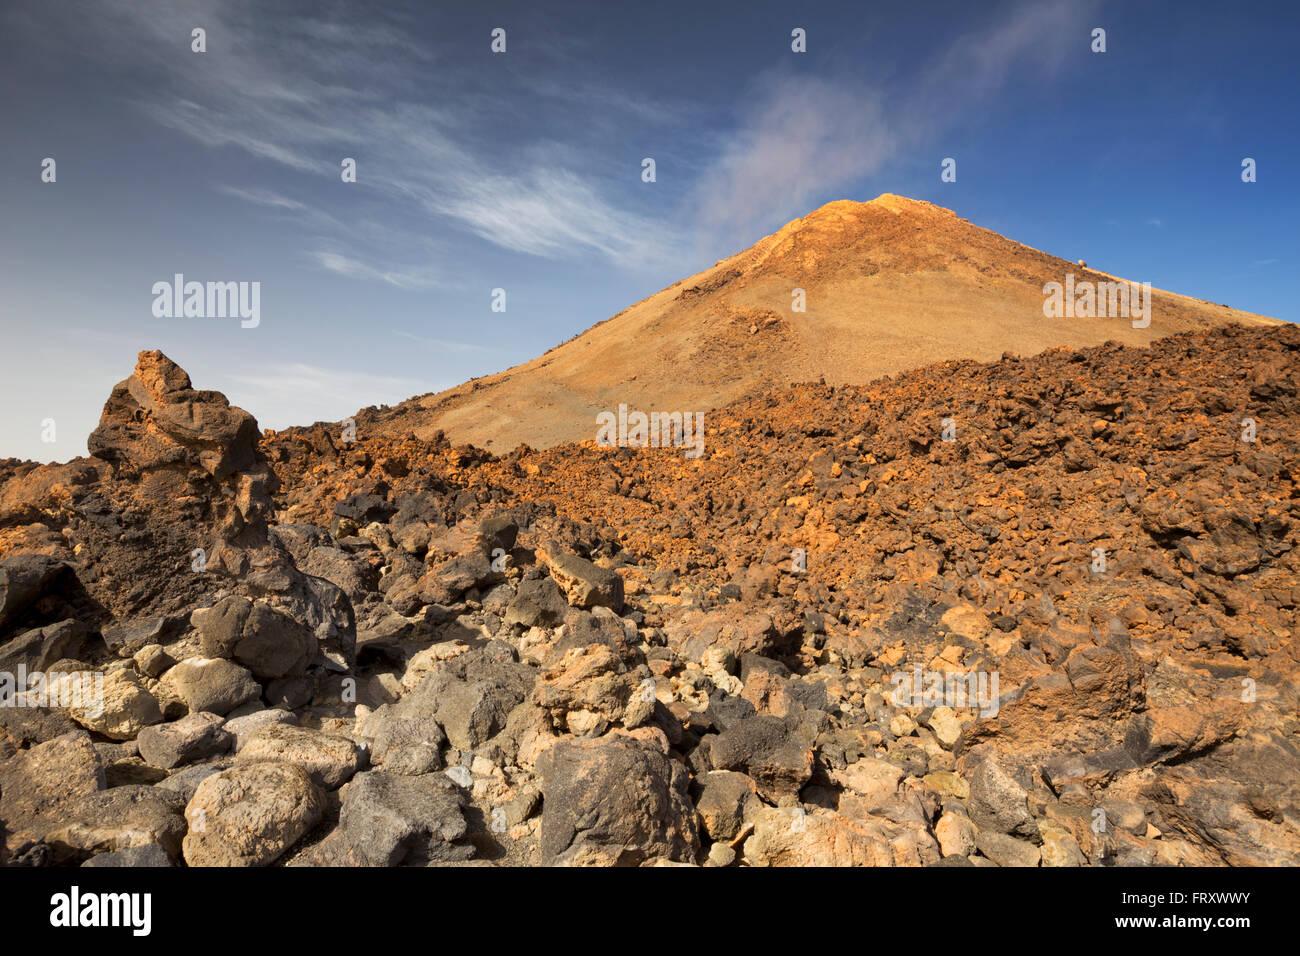 Vulkanlandschaft knapp unter den Gipfel des Mount Teide auf Teneriffa, Kanarische Inseln, Spanien. Stockfoto